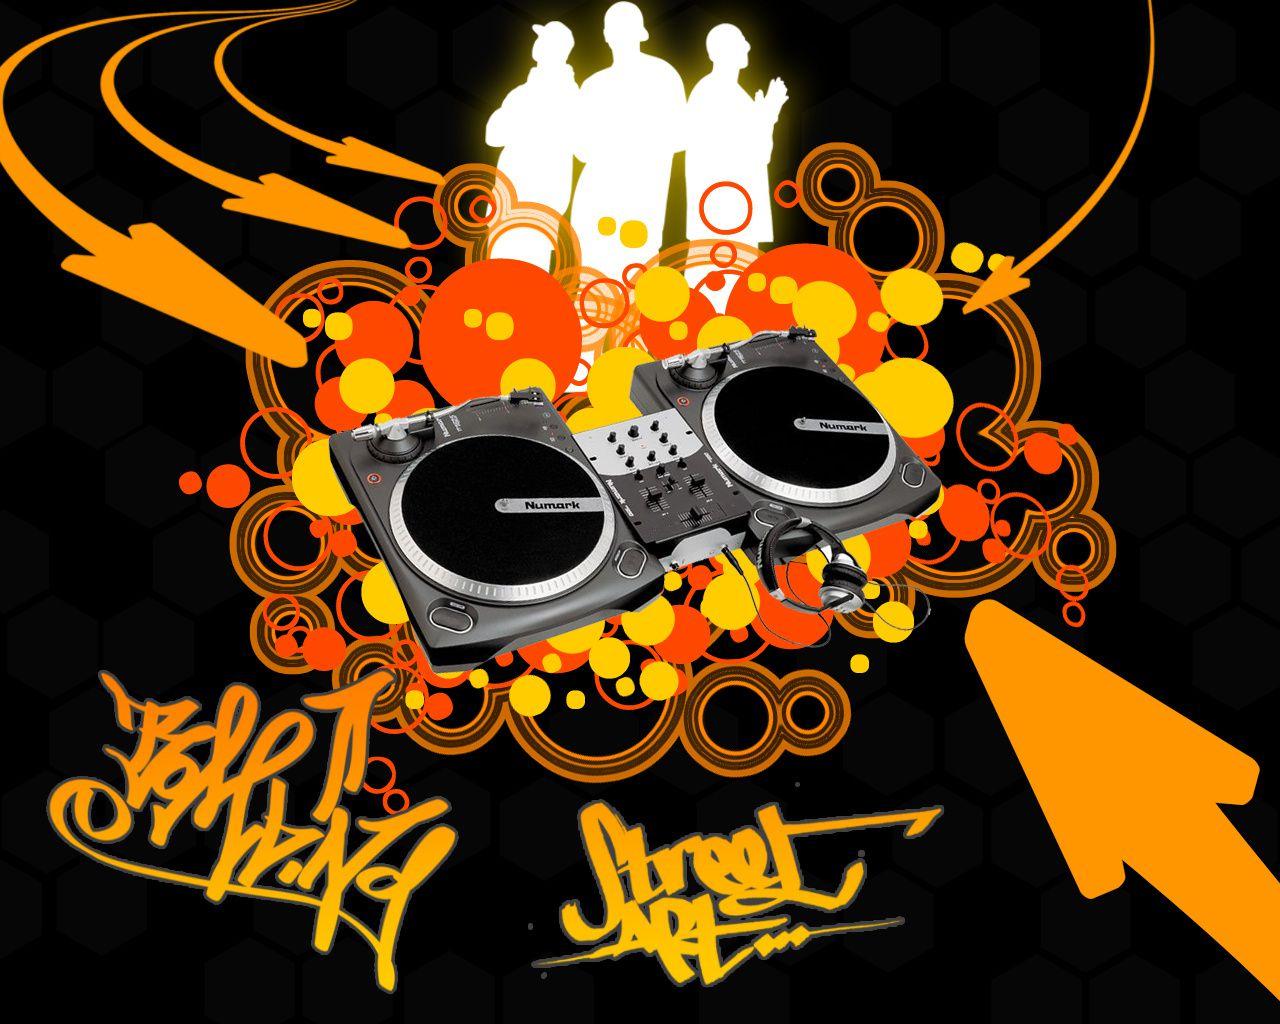 Cookin'Soul - Nothin Less / Masta Killa - Cali Sun feat. Kurupt  / Rockin'Squat - Precious feat.Mama Moon  / Missy Elliott - Joy feat. Mike Jones / Rebel R - Step up  / Syn & Kly Max - Put It On The Line  / Sofiane - Aller-retour / DpD - Prend soin de toi  / Anarchiques - Il est votre propre  / The Literates - Graff Life  / Wu-Tang Clan - Ice Cream  / Cinquième Colonne - Jusqu'ici toubab bien feat.Matew Star / Cozo - Etre ou Paraître feat.Linest  / Fabe - L'impertinent (Strike Team rmx) / Terminalogy - Ain't Fuckin With This feat.Prospect (DJ Duke Rmx) / Dabaaz - Pas la peine feat.Deen Burbigo et Esso Luxueux / Cookin'Soul - Una vida por delante / Les Troiziks - Happy Birthday / VMDeluxX - All in / Grime Sin - Péché de crasse / Elisa Do Brazil - Long road feat.Youthstar / Mr Ponx - Starlight / Biga Ranx - No tragedy feat.Ondubground / Akua Naru - The Backflip: Reflipped 4 Nag Champa Gold / Sdk Crew - T'1kiet / Grio Negga - J'rappe pour de vrai feat.La Methode / Feini-X Crew - Bouge sur nos problèmes / Dabz -  Avec des scies / Iam - Né sous la même étoile (Strike Team rmx) / AHHM vol4 (mixtape hostd by Azziza)